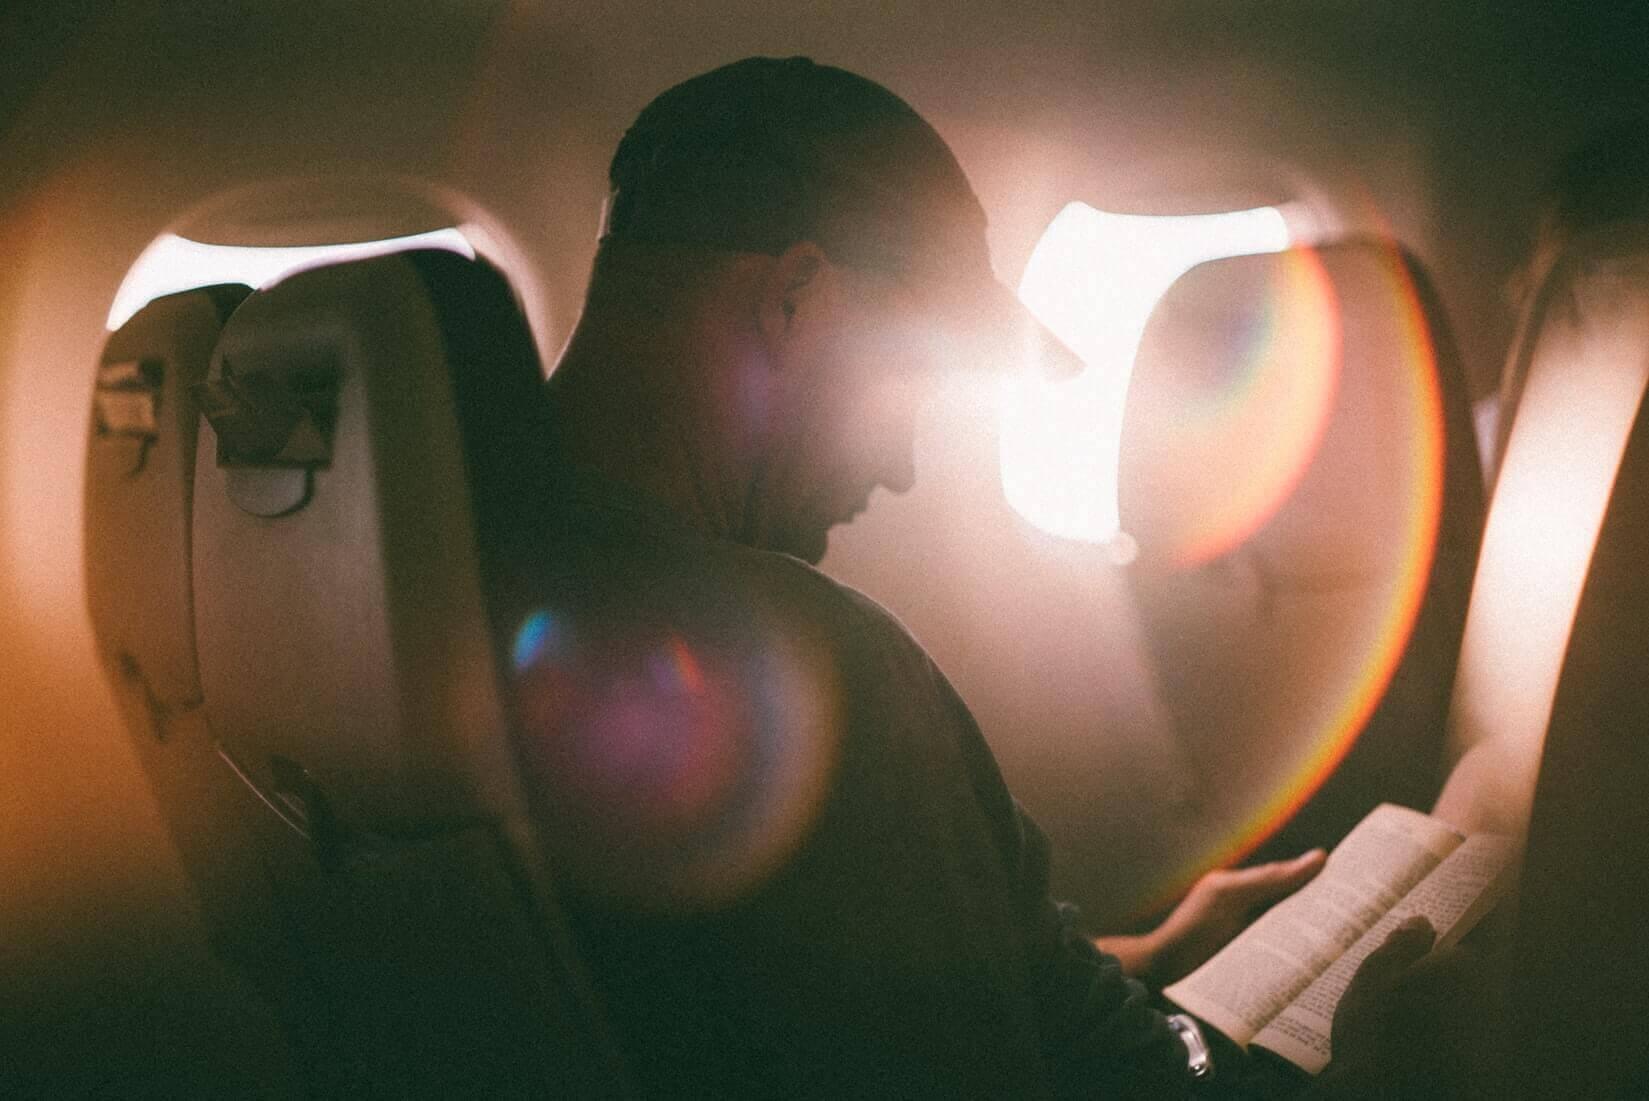 Поясним за новости: есть способ откинуться в самолёте